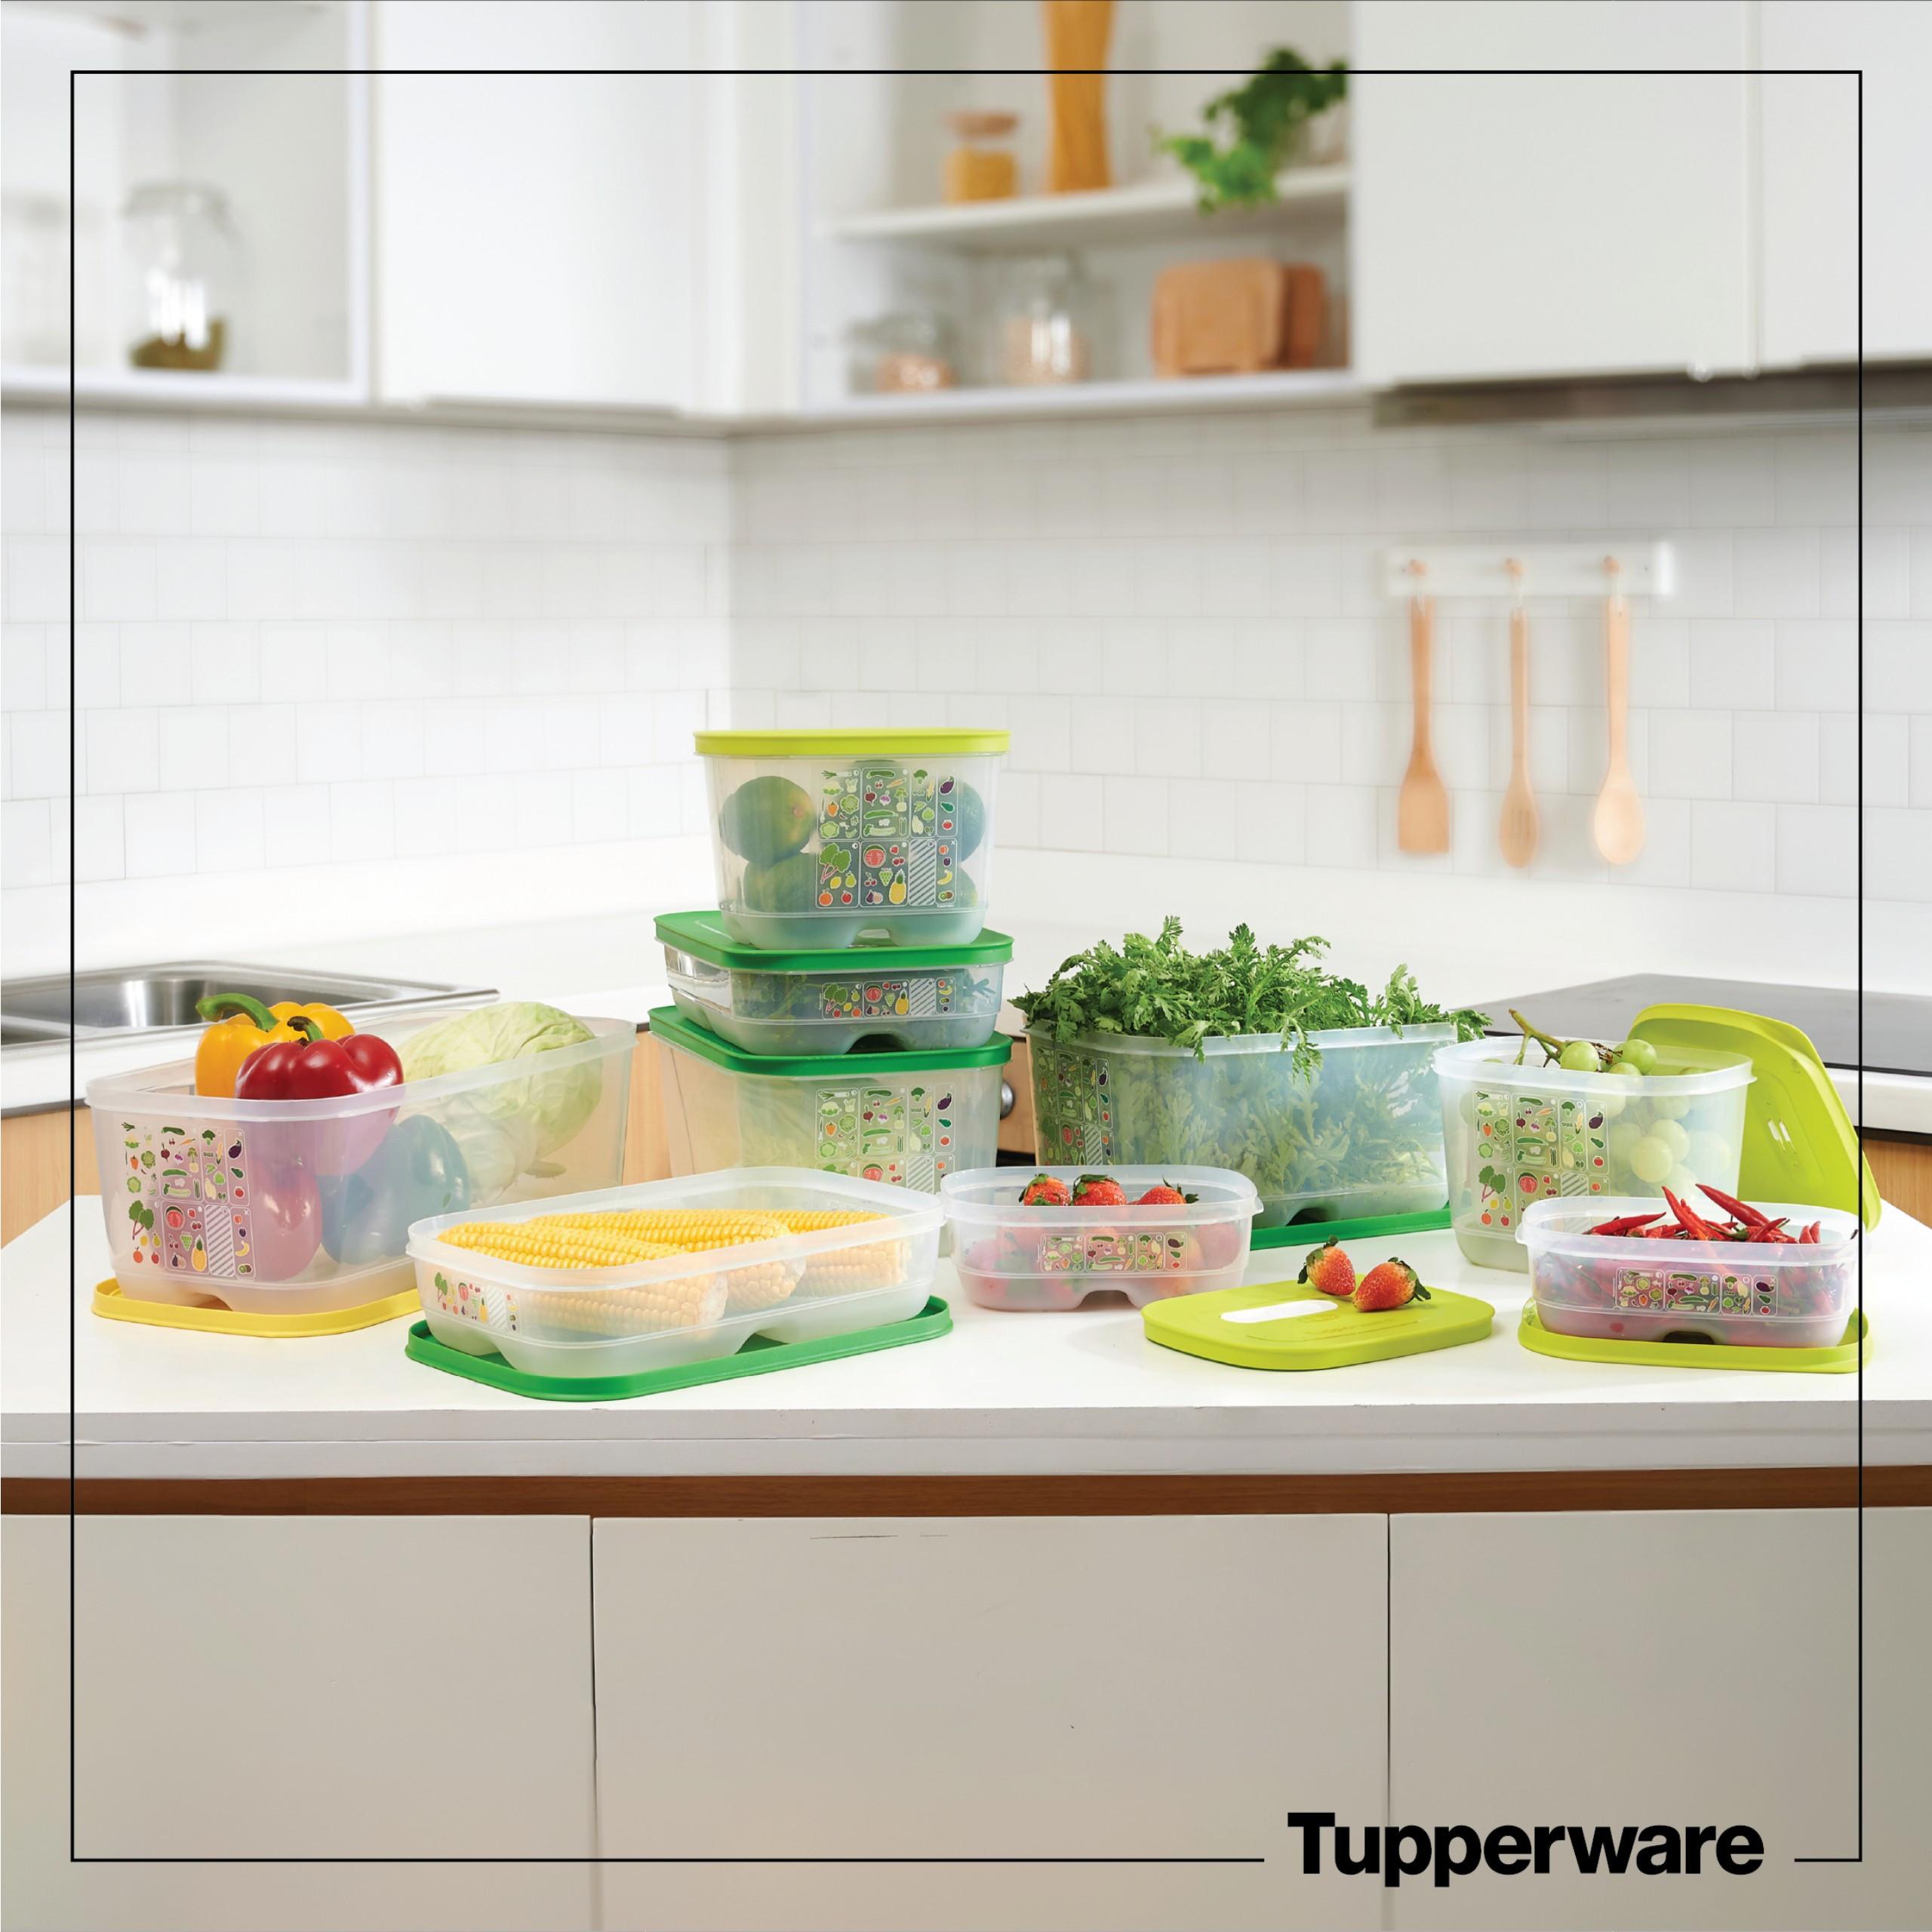 Bộ bảo quản thực phẩm Ventsmart 9 hộp trữ mát Tupperware